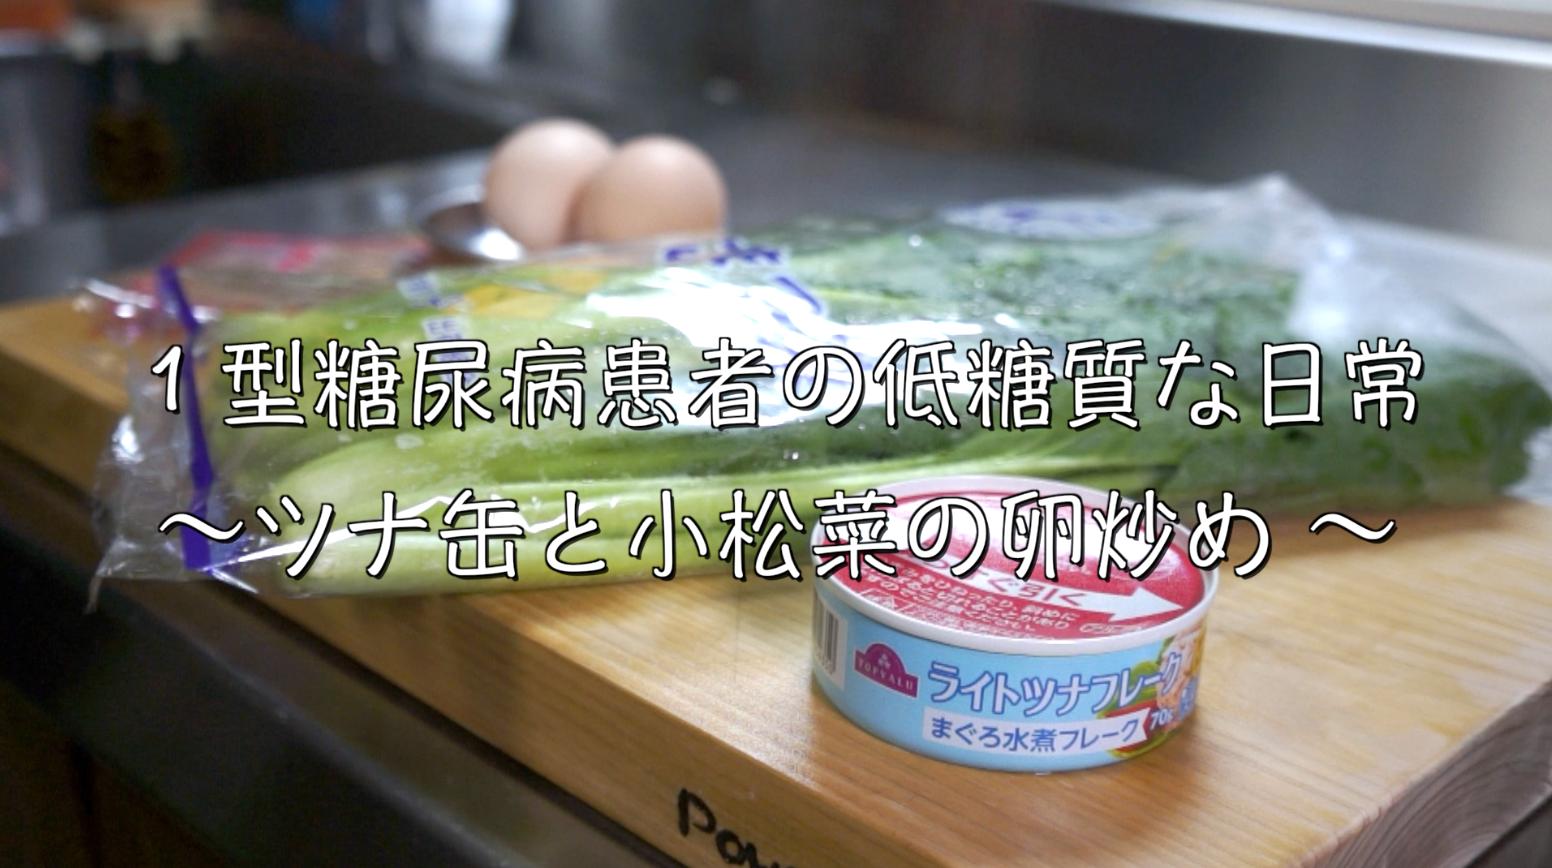 ツナ缶 小松菜 低糖質 レシピ